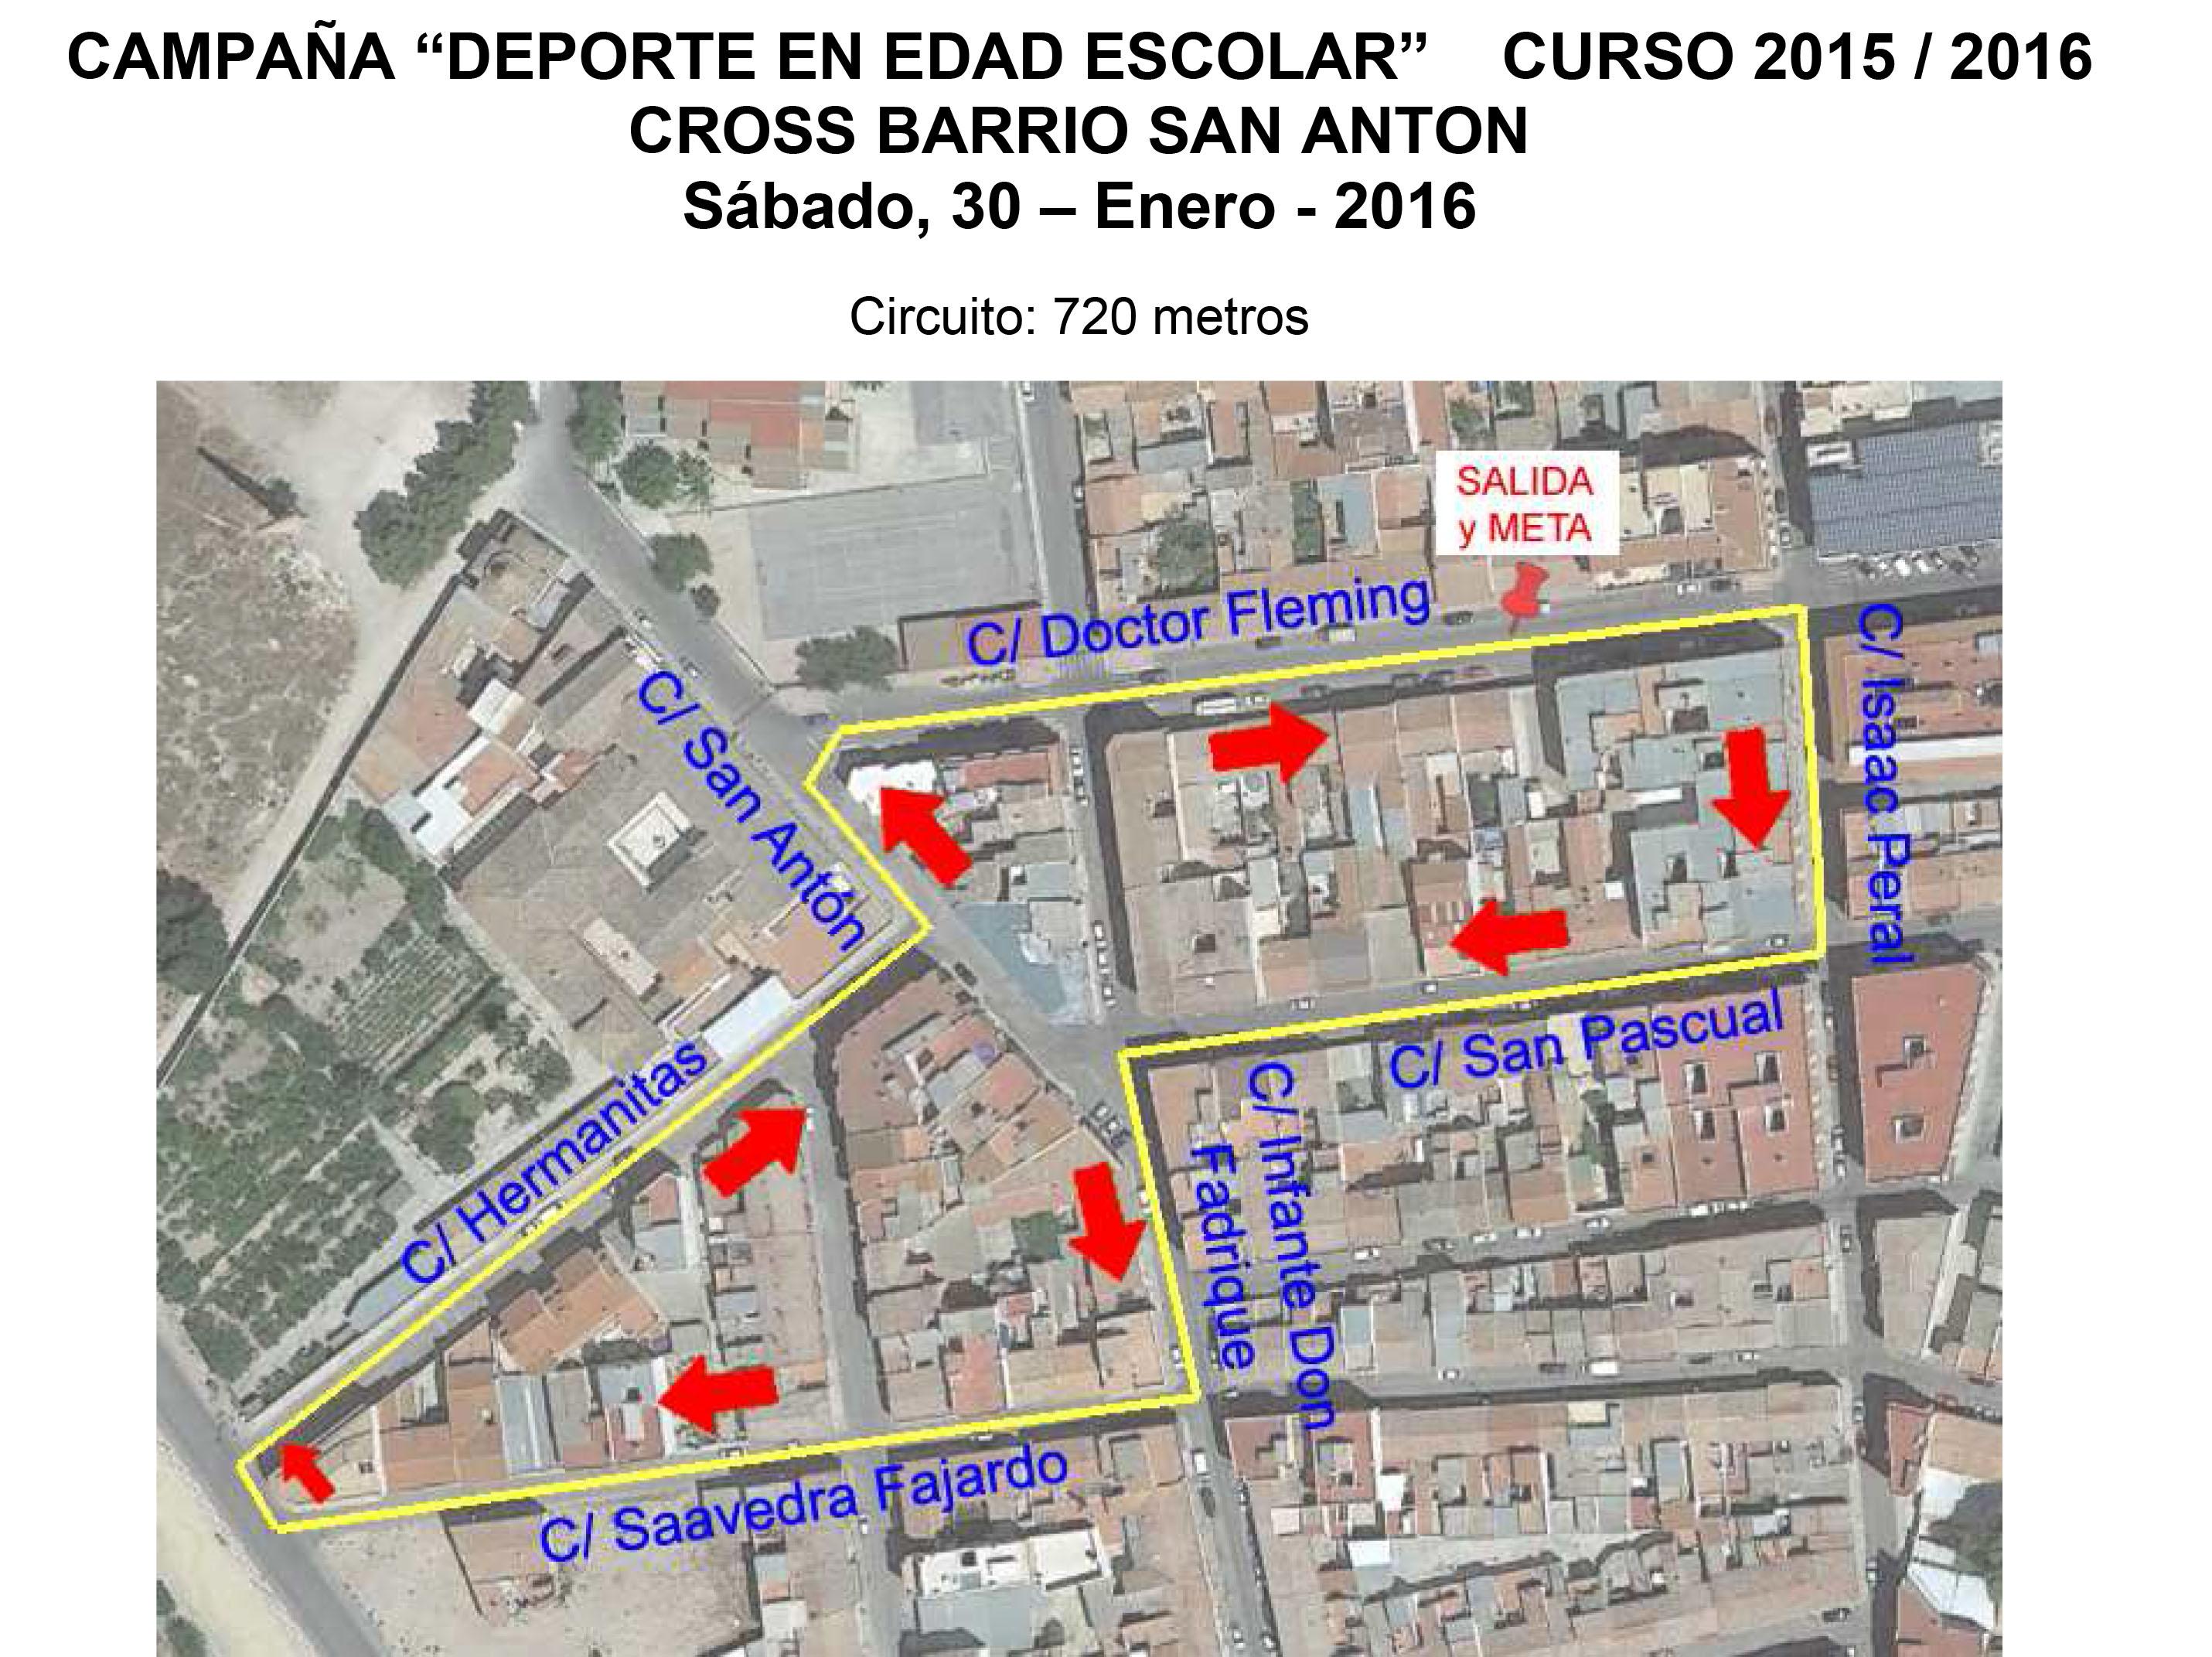 Circuito Jumilla : Disponibles la normativa y el circuito del cross san antón el eco